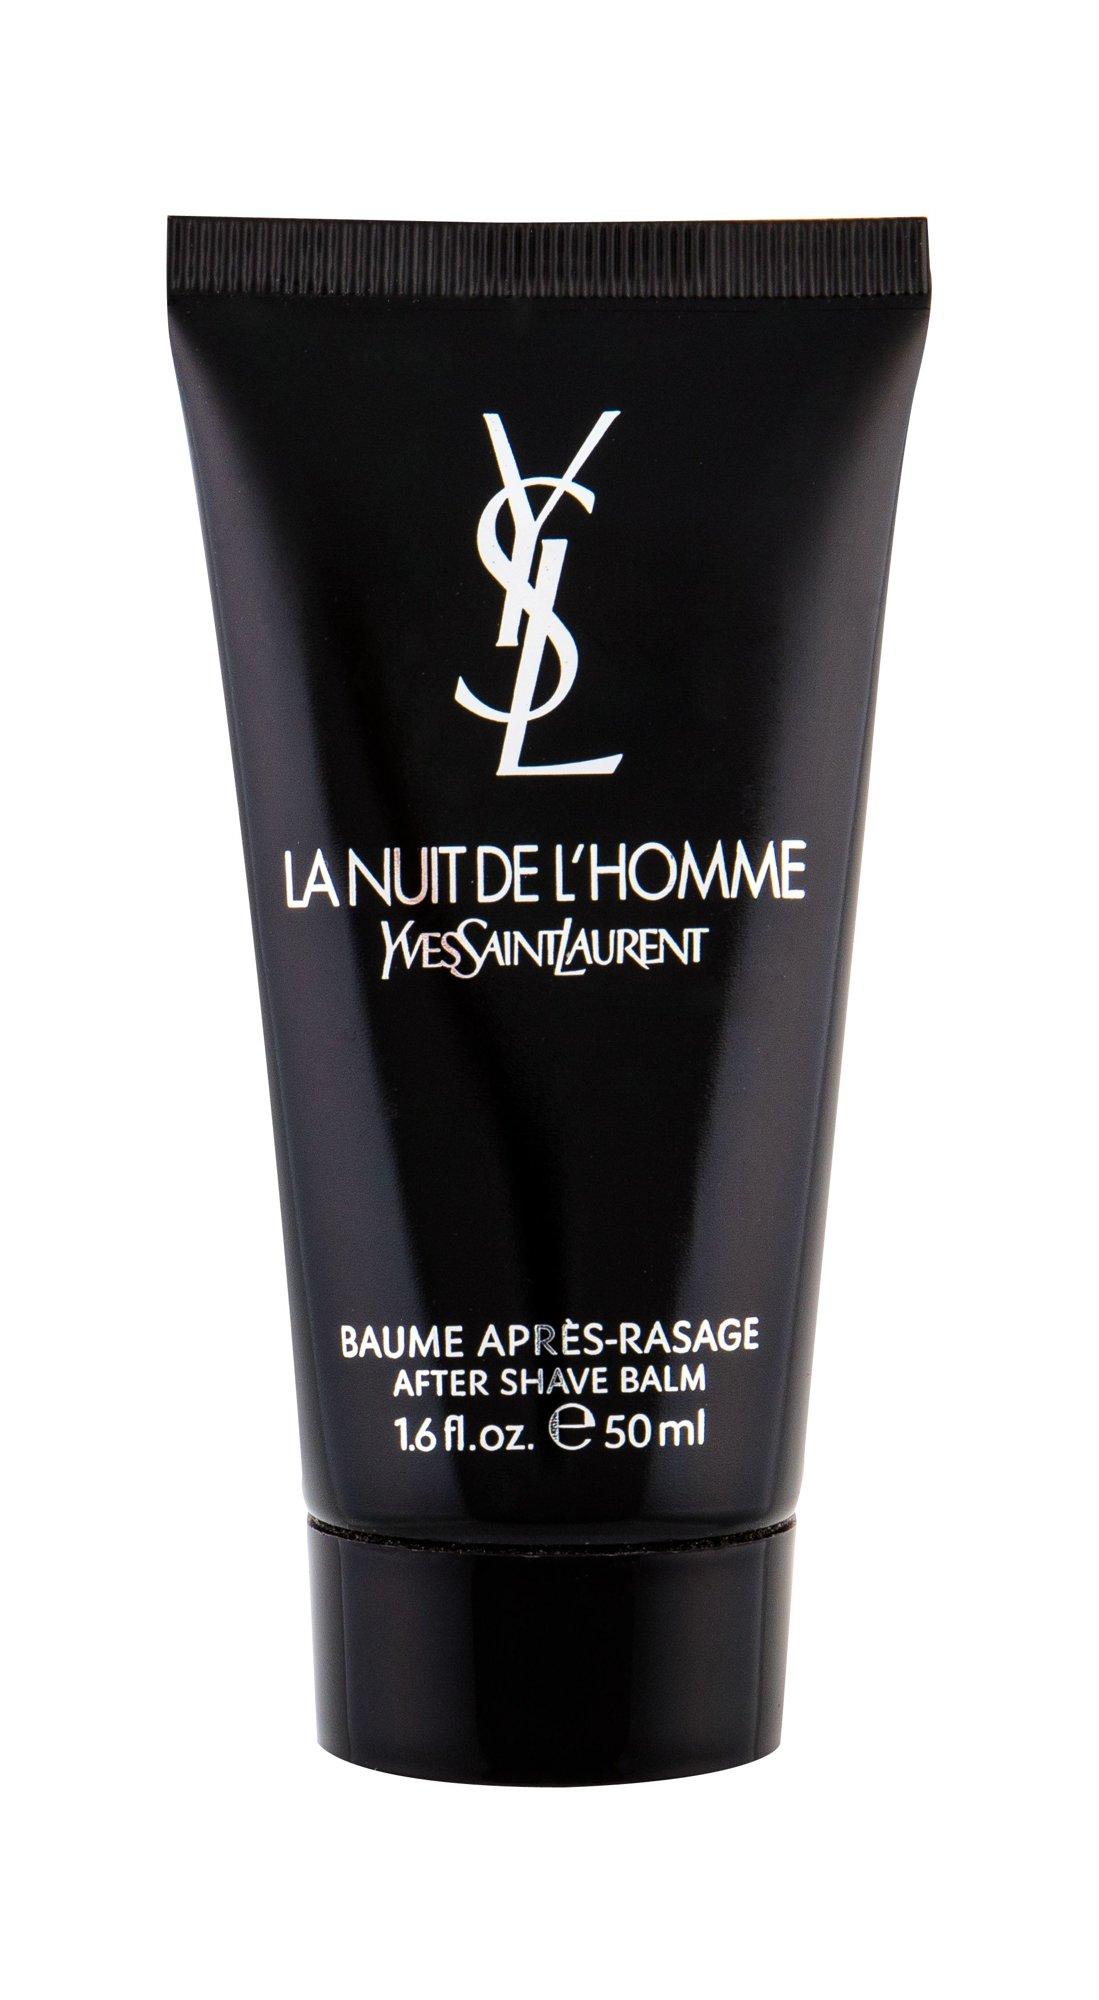 Yves Saint Laurent La Nuit De L´Homme Aftershave Balm 50ml